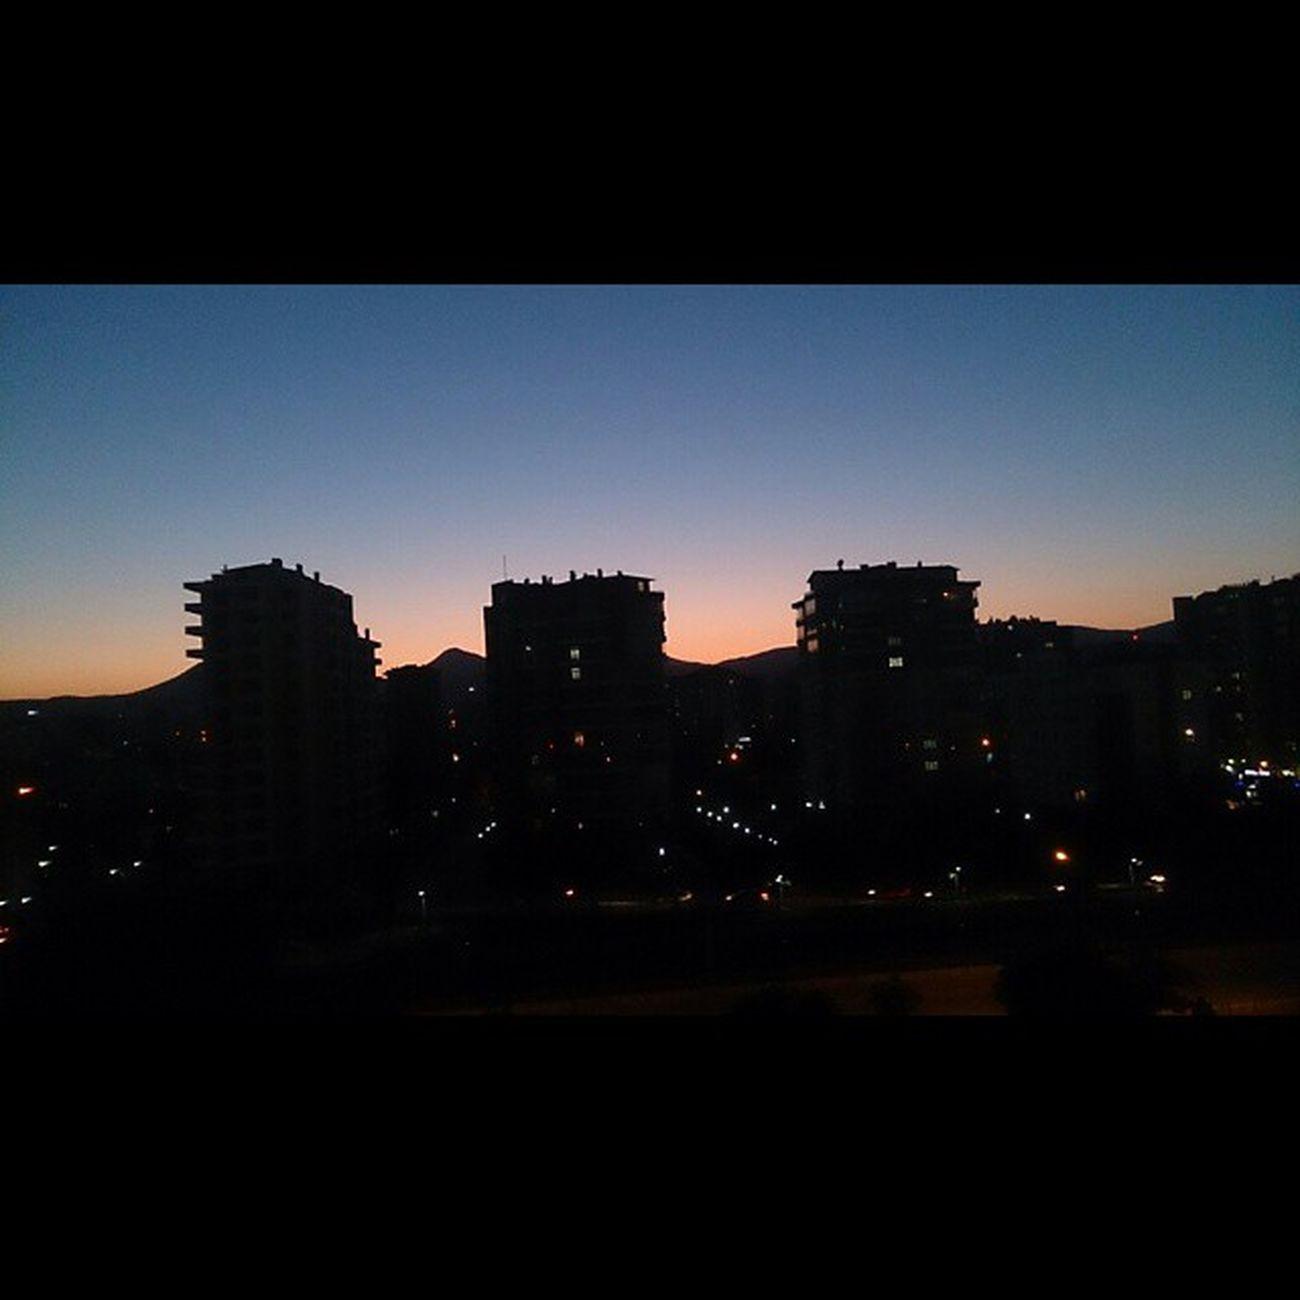 Bu manzarayı paylaşmazsam olmazdı. Bence harika 😊 Güneş battıktan sonra hala ardında ışık bırakarak gidiyor... Takkelidağ Konya Konyagram Konyainstagram InstaKonya Instasize Photogrid